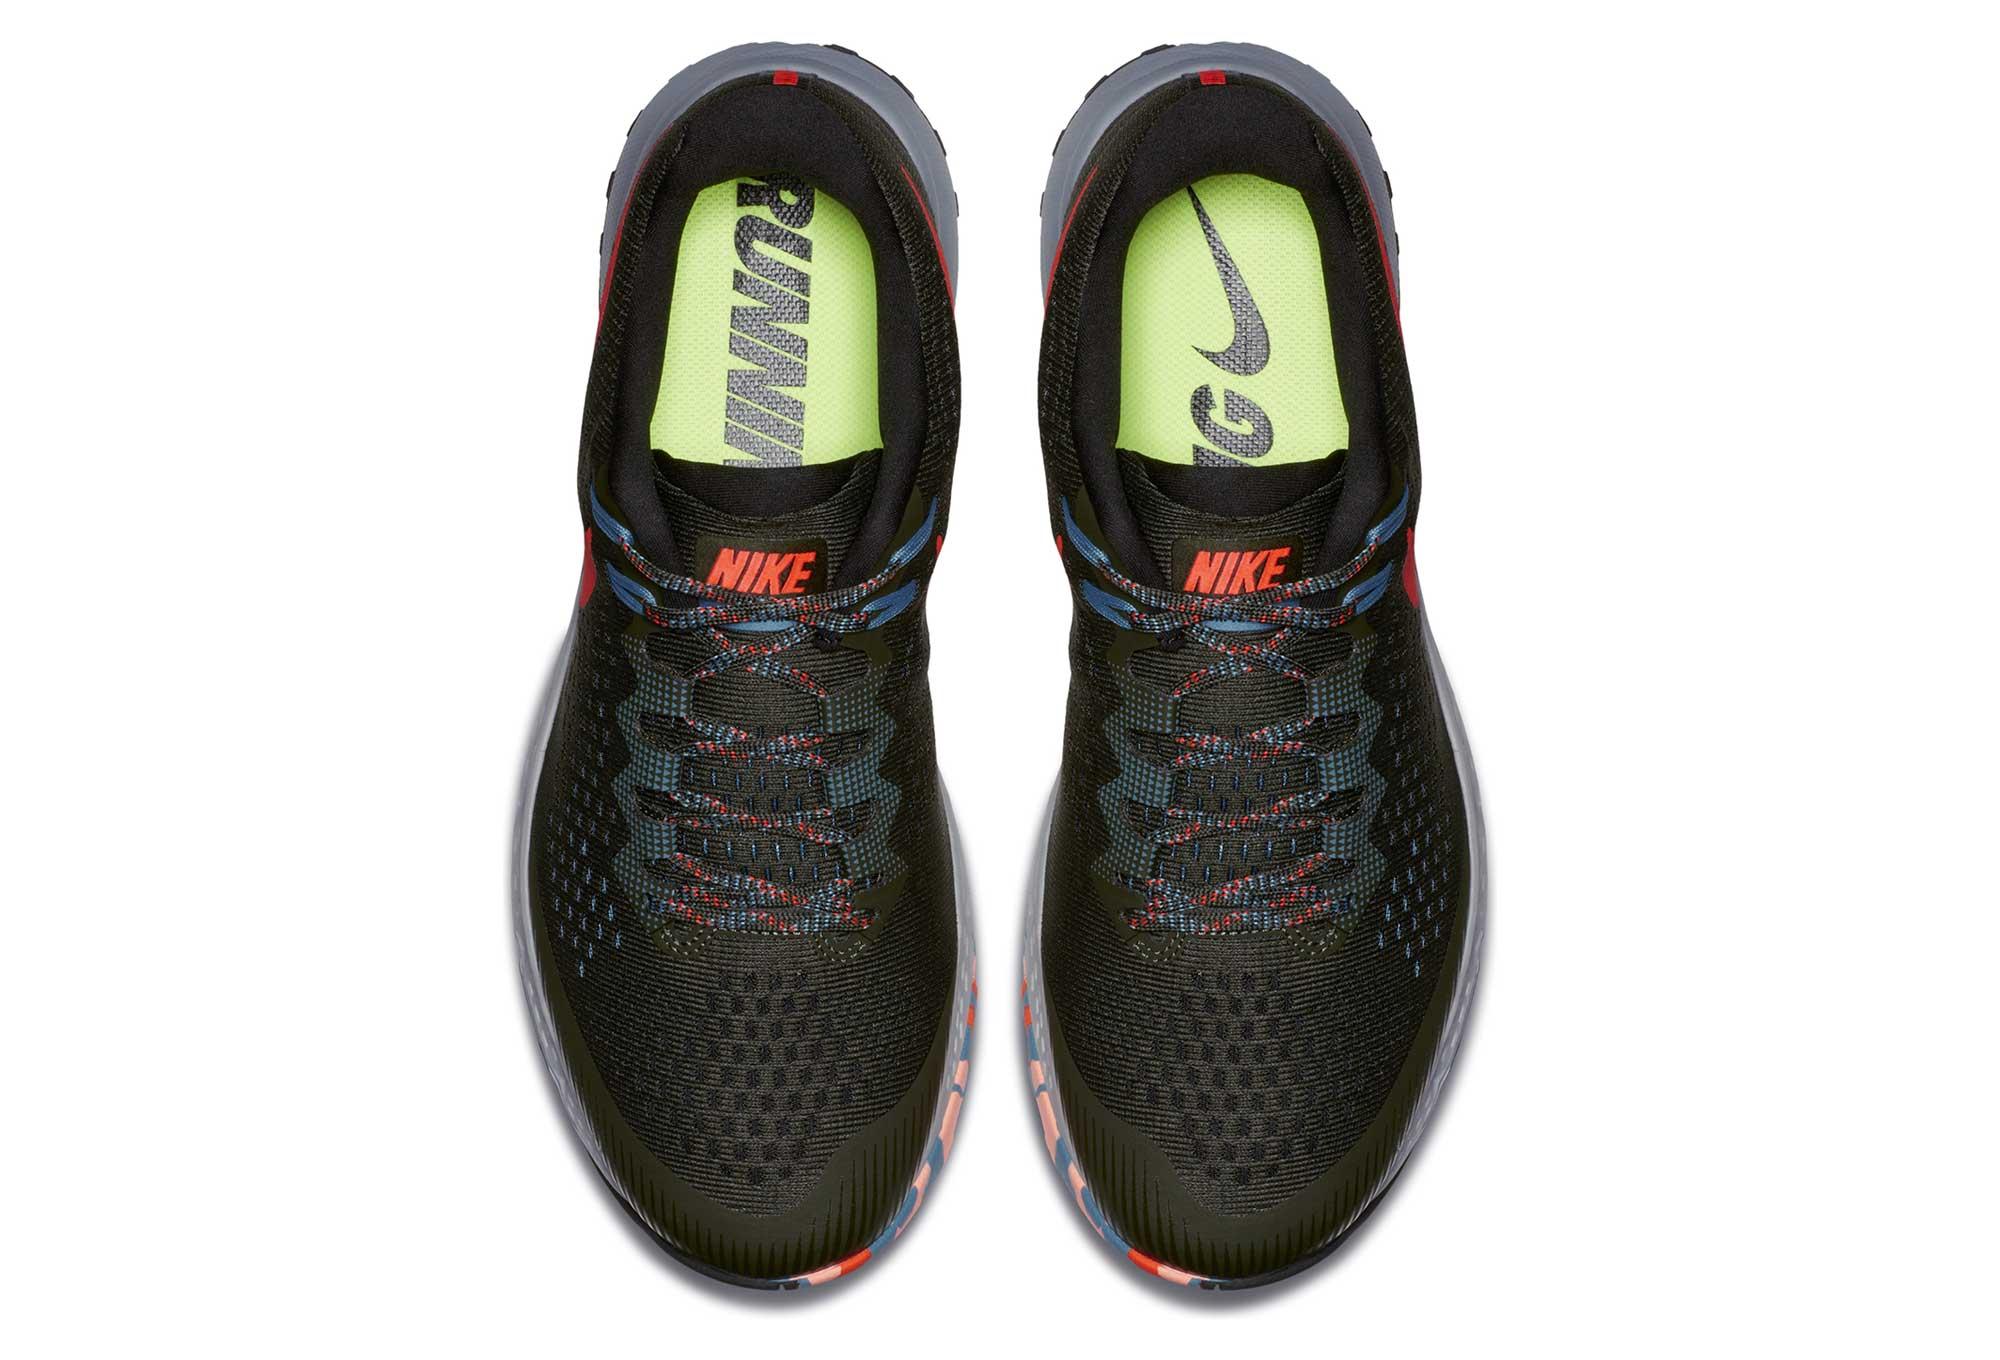 pas cher pour réduction 48c01 ec9c5 Nike Air Zoom Terra Kiger 4 Khaki Orange Men